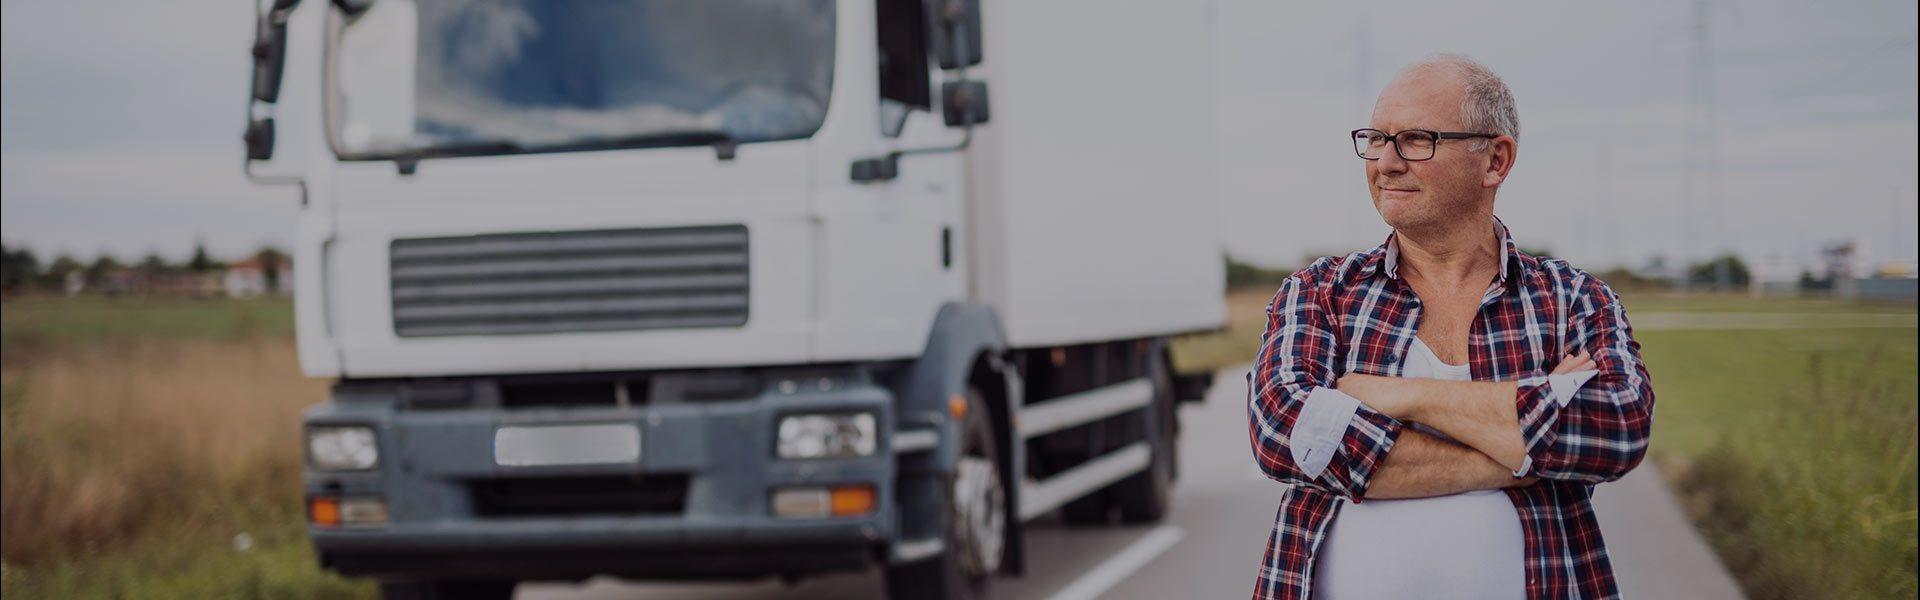 Praca dla kierowców - Niemcy